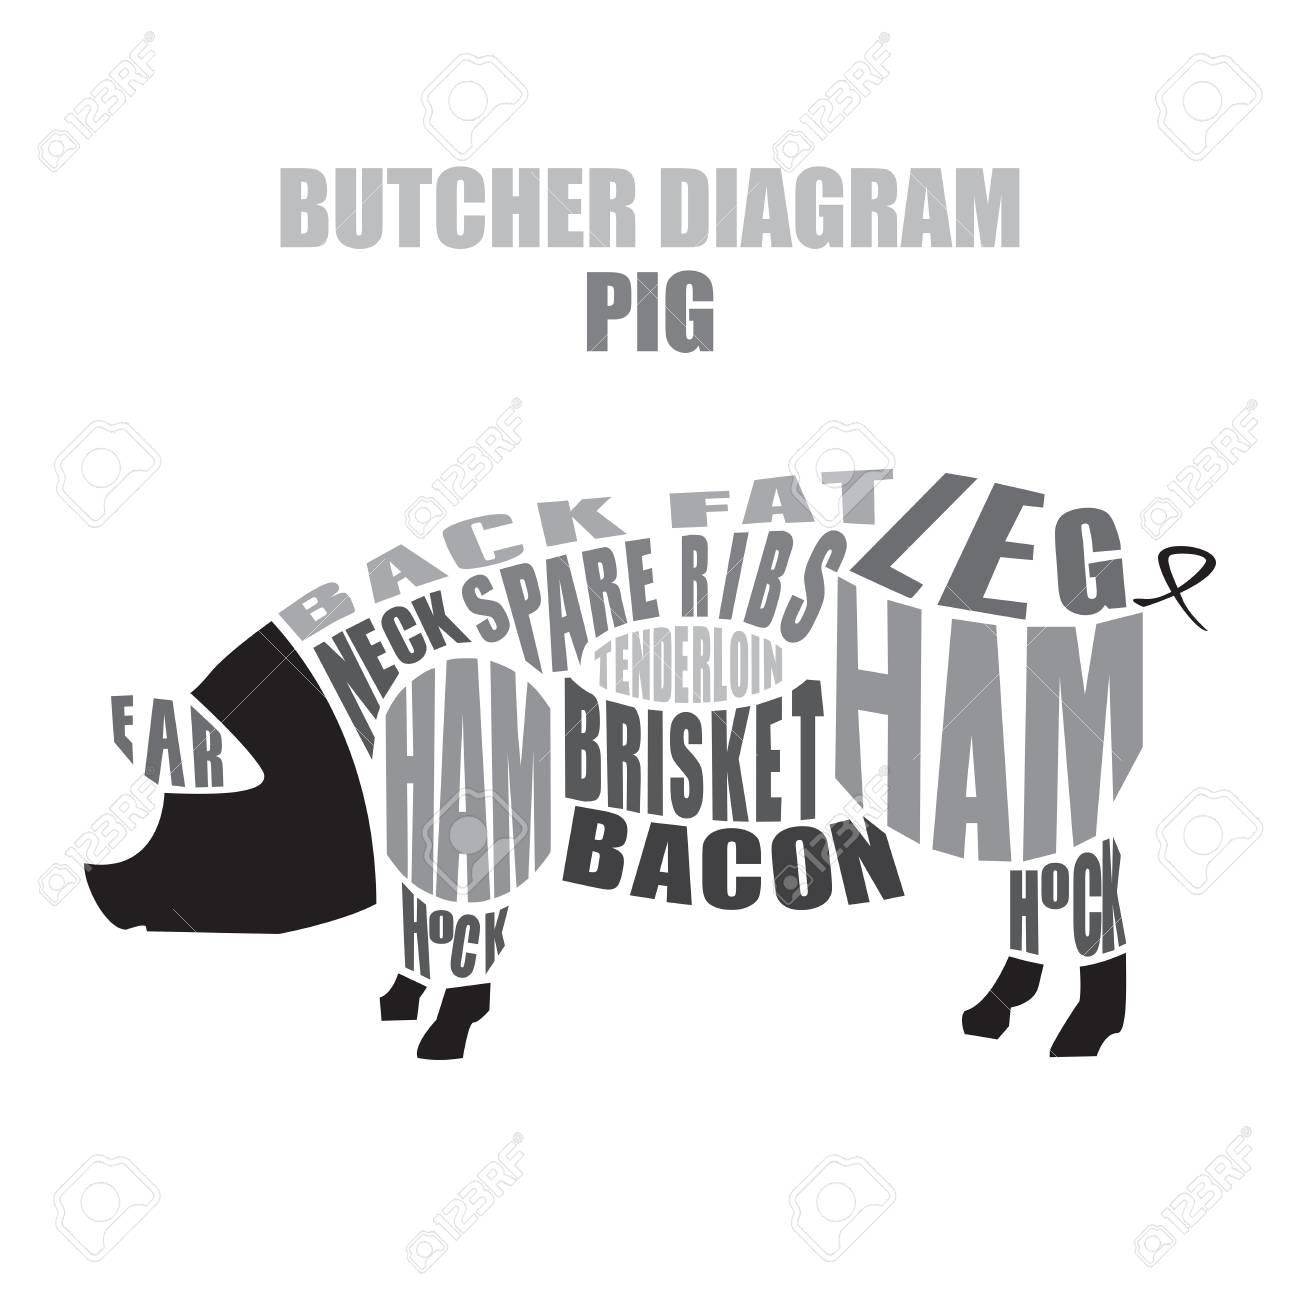 butcher diagram of pork pig cuts royalty free cliparts vectors rh 123rf com pig butchering chart pig butcher diagram poster